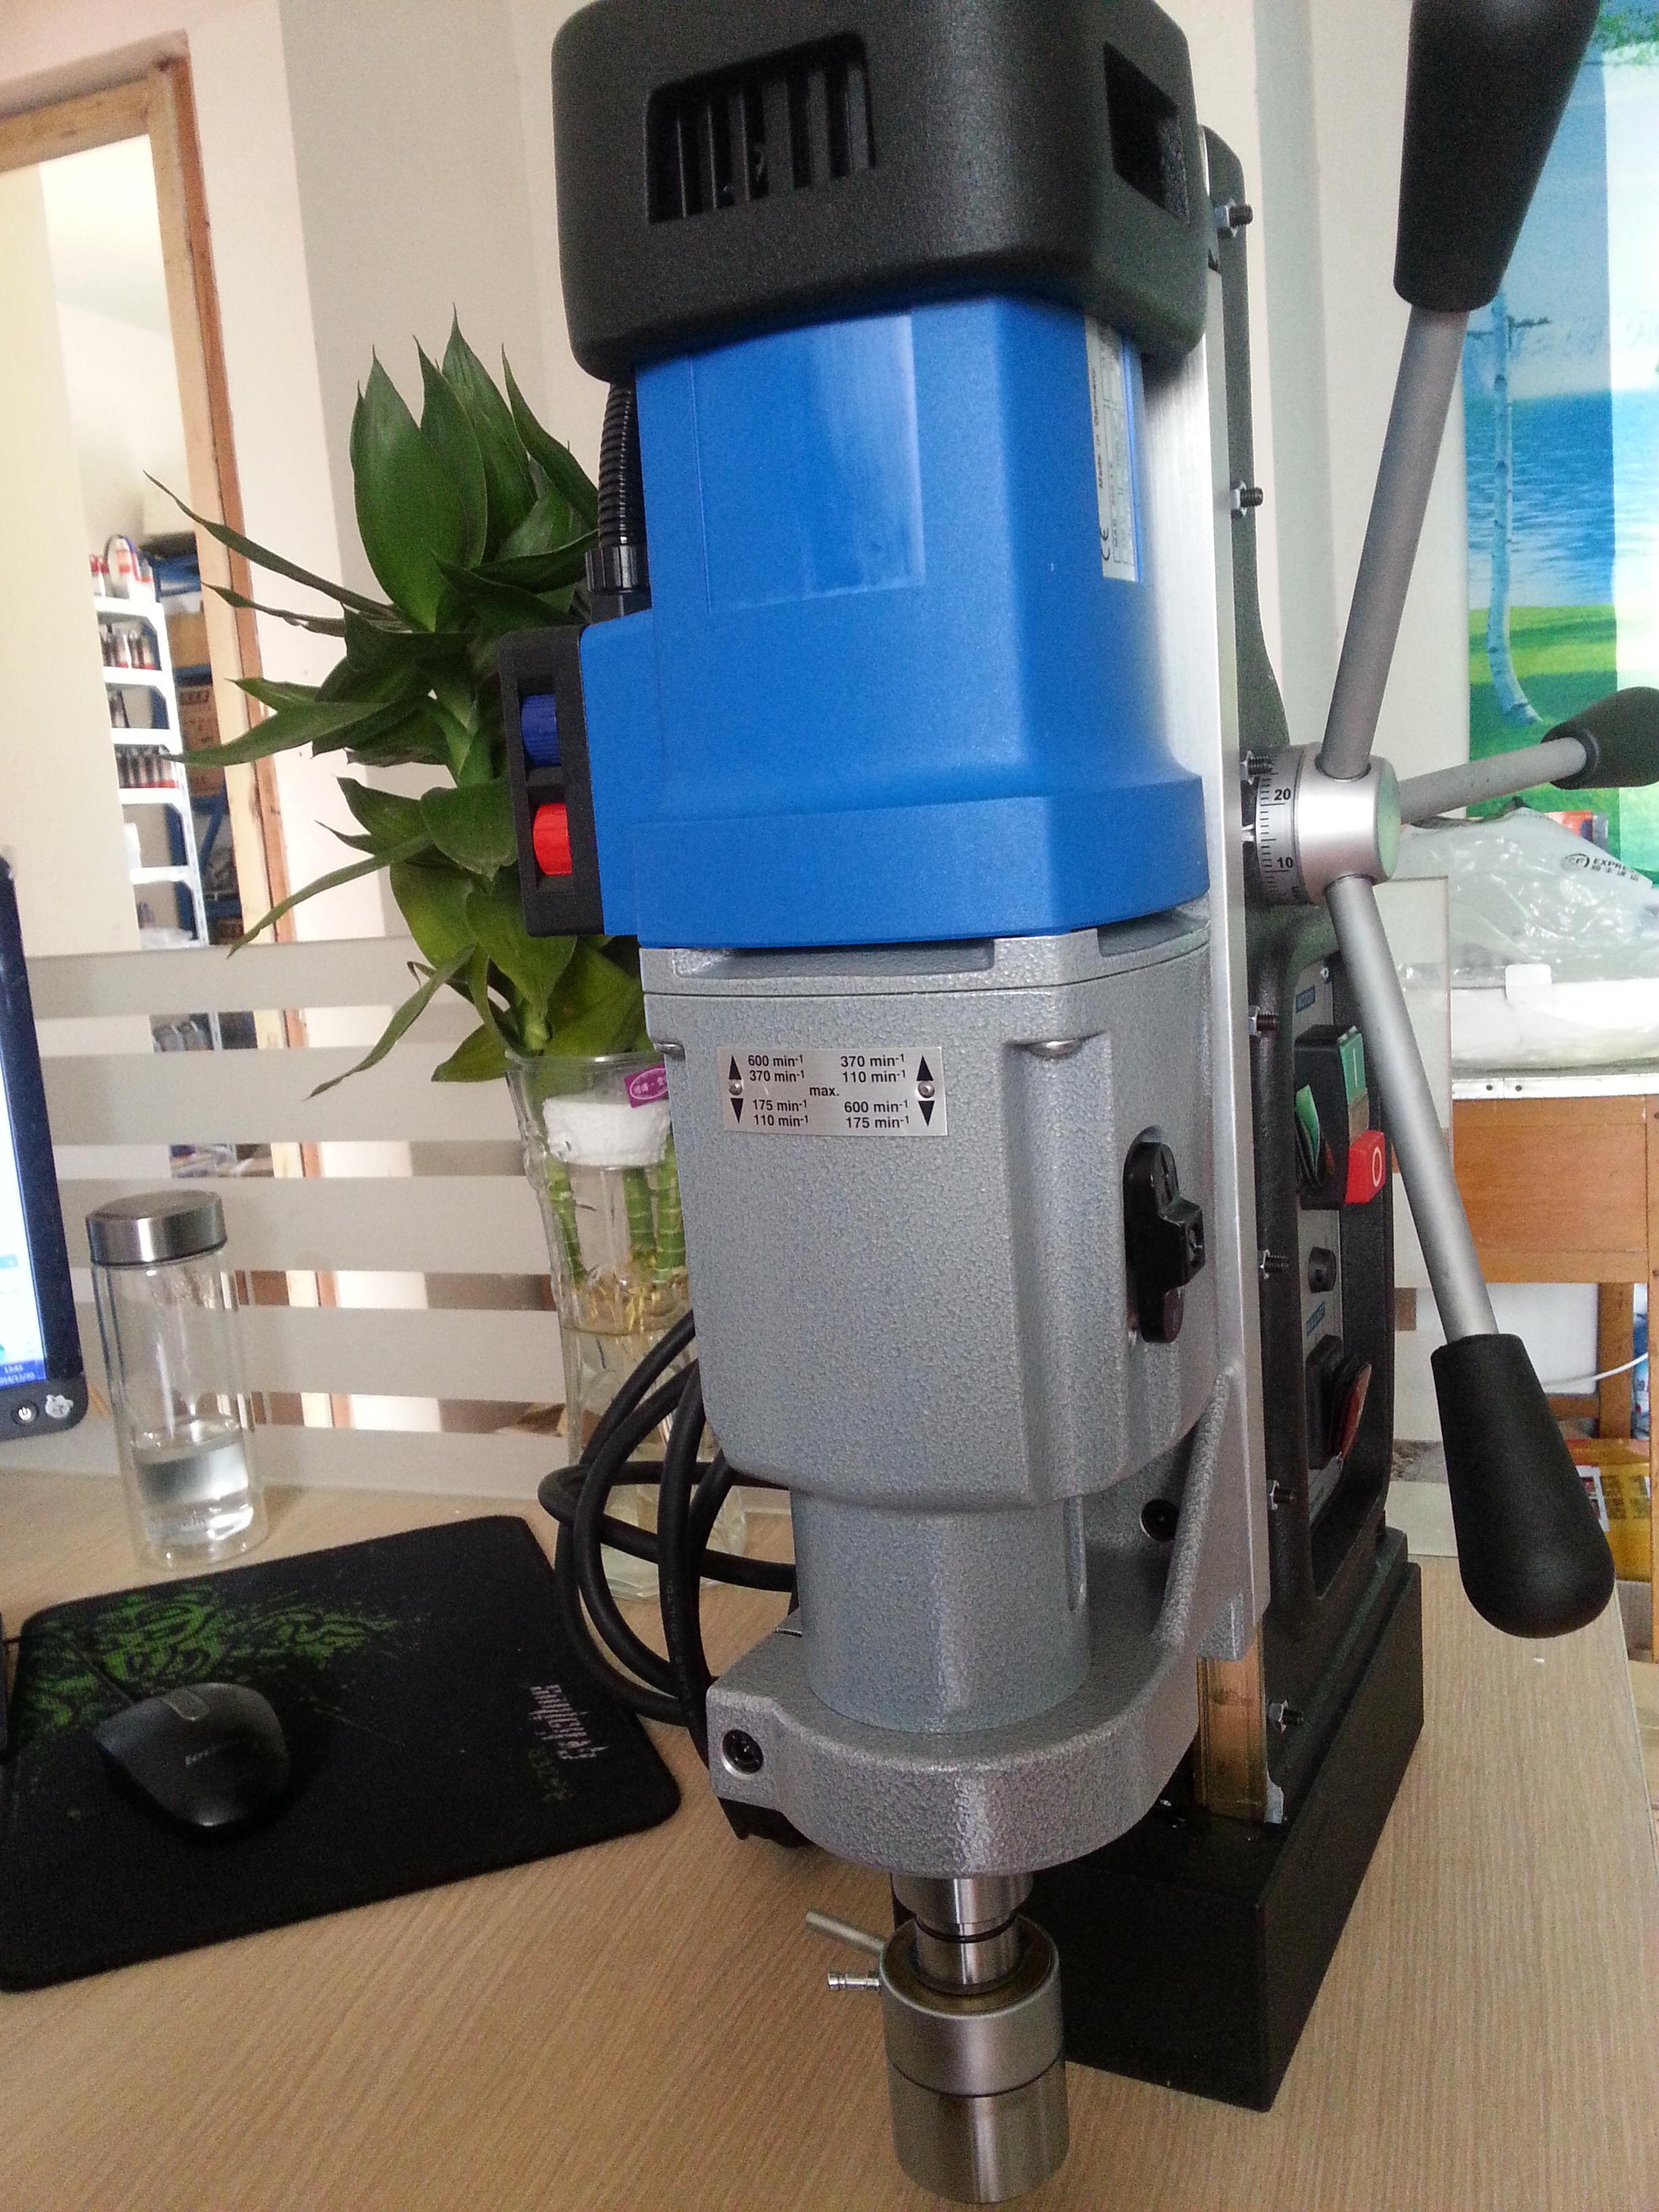 供应百得磁力钻mab800 德国原装进口 攻丝磁座钻 调速磁力钻 空心钻机